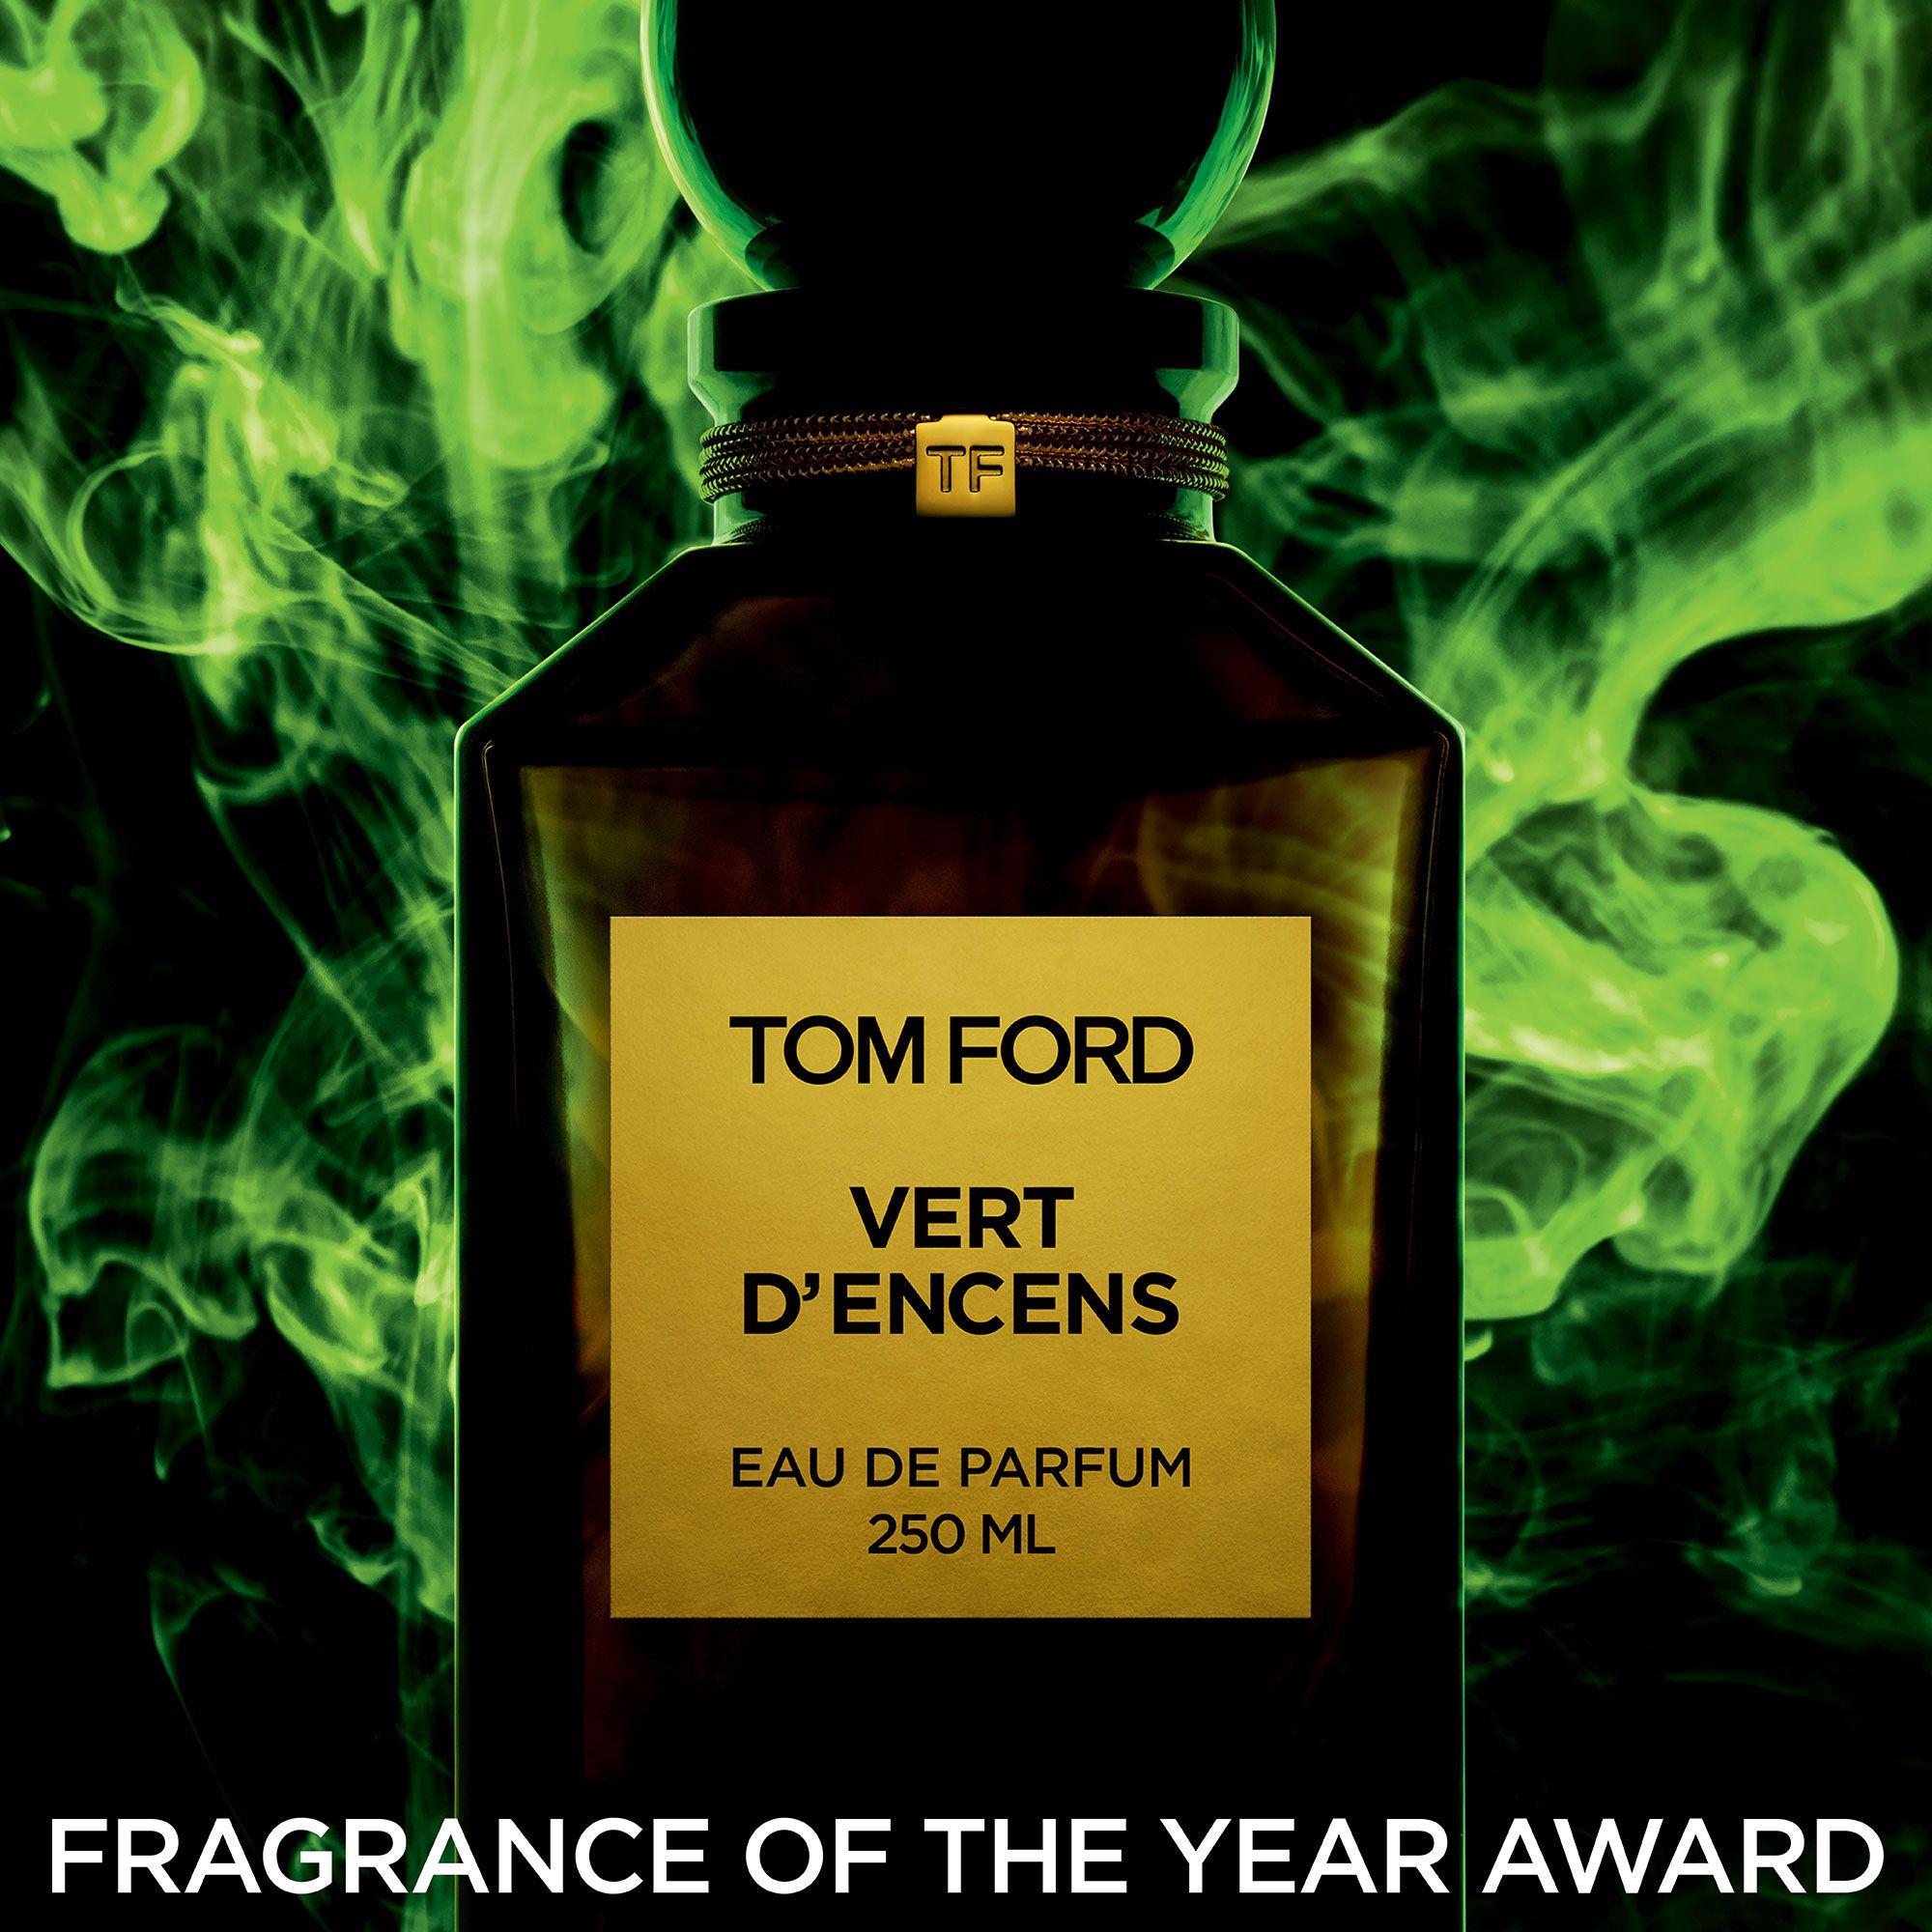 bd18c628ba0ac TOM FORD Vert D'Encens named Men's Luxury Fragrance of the Year. #TOMFORD  #PRIVATEBLEND #VERTDENCENS #TFFAWARDS